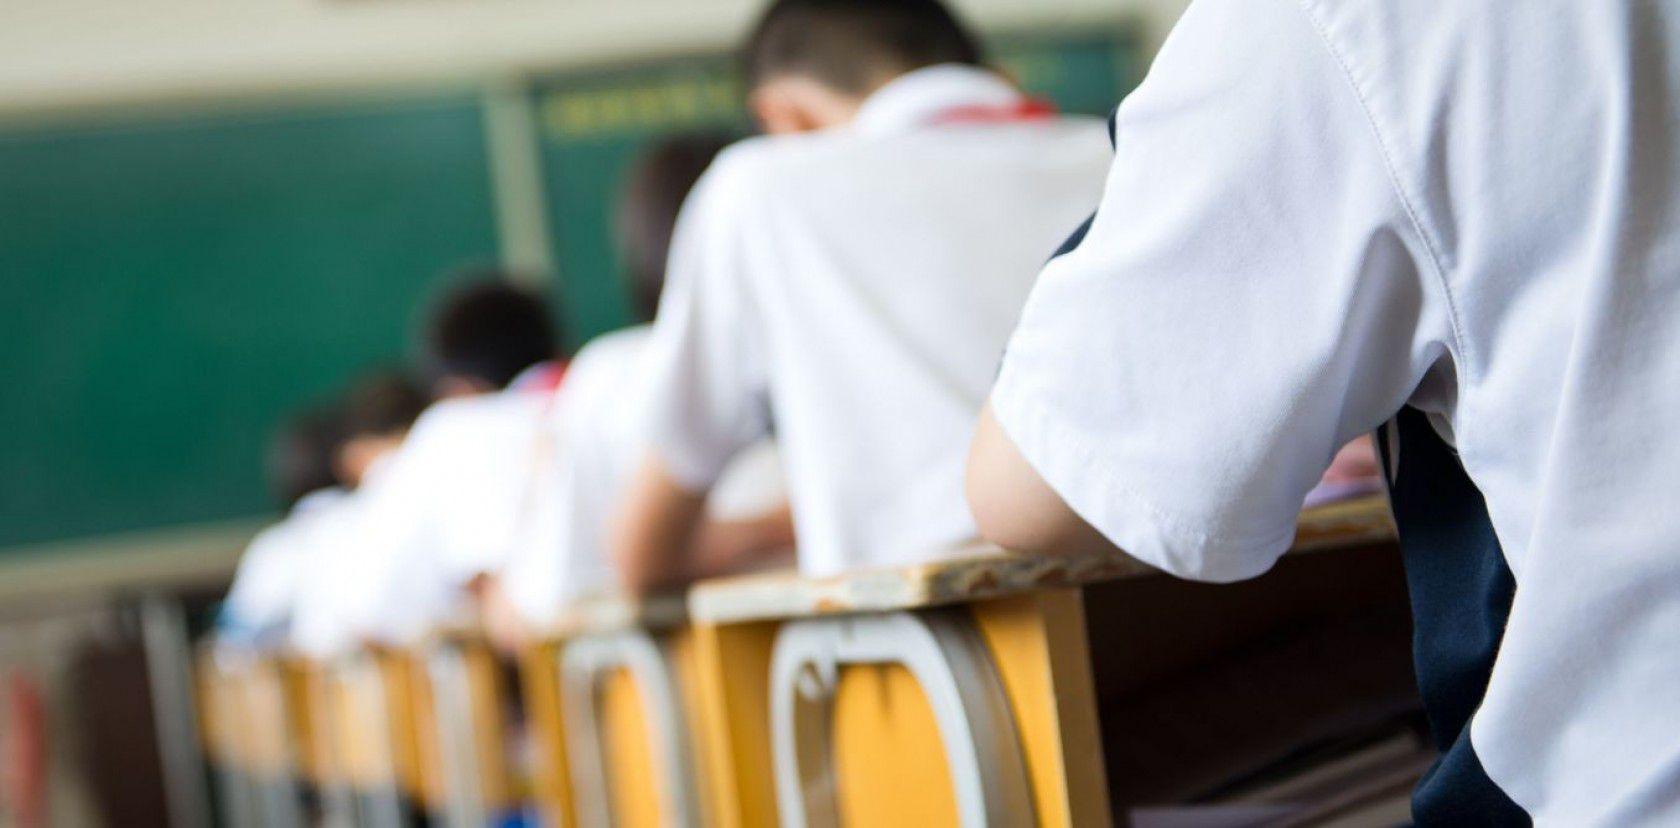 Yurtdışı Değişim Programları ile Almanca Eğitim Almanın Avantajları Nelerdir?